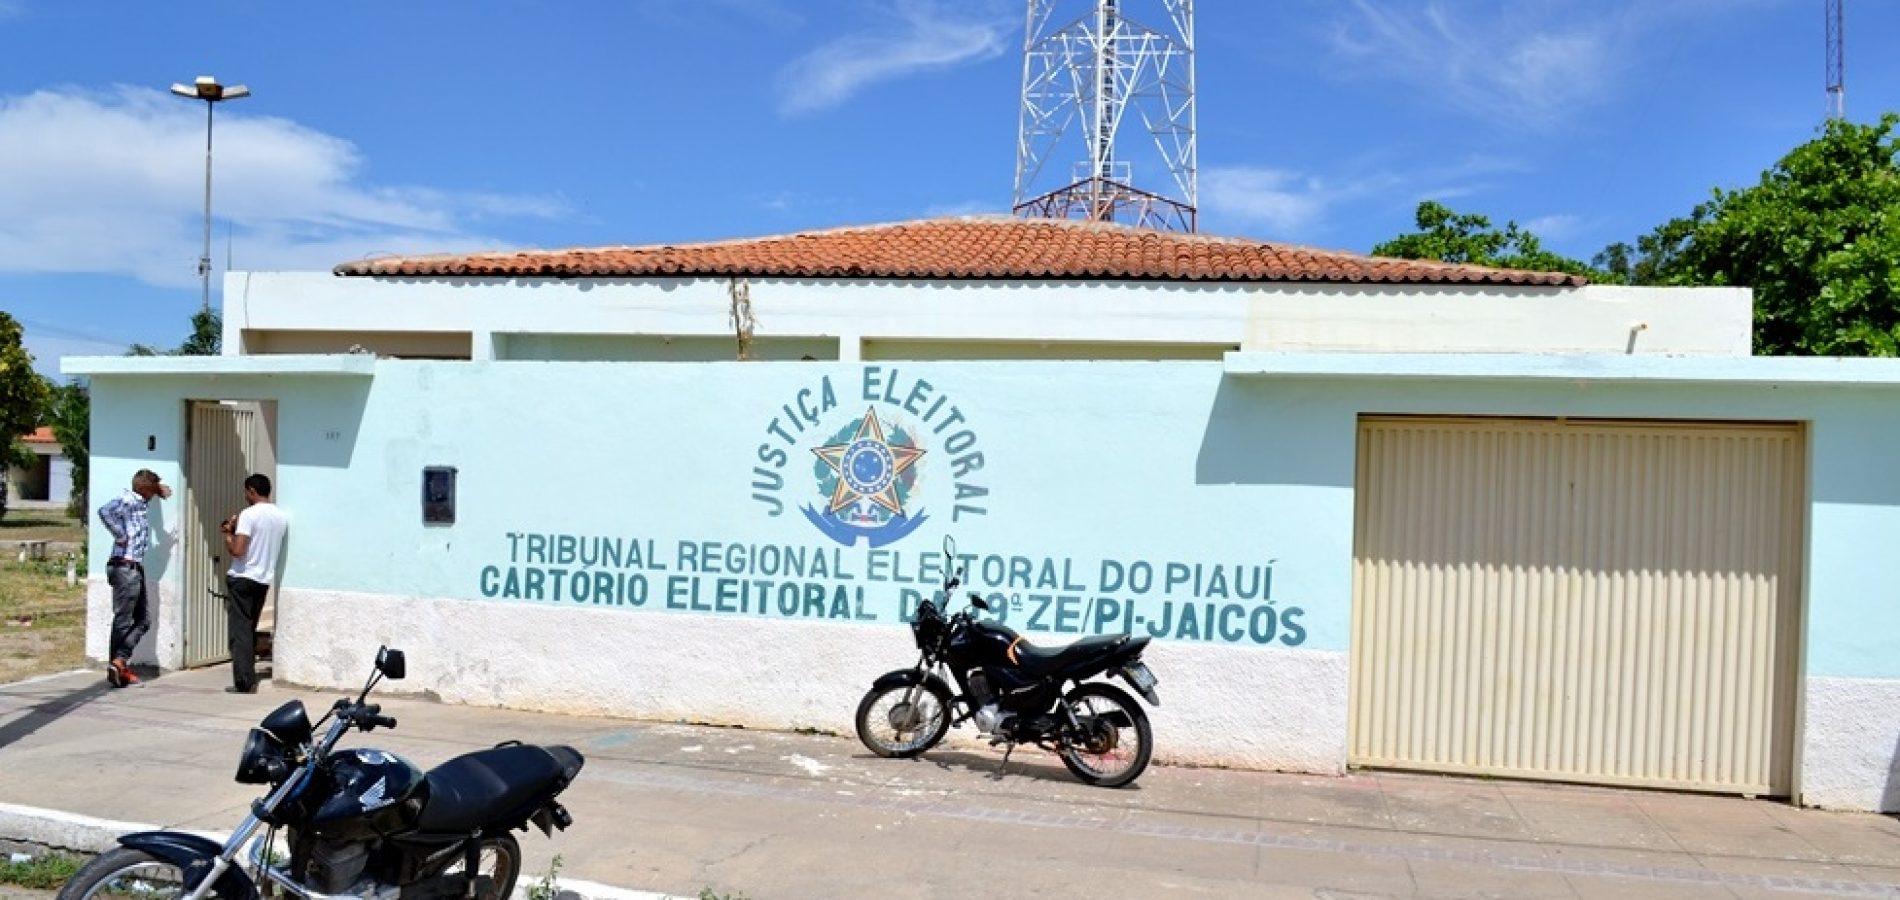 Promotoria de Jaicós emite recomendação a partidos políticos e candidatos acerca de campanhas eleitorais